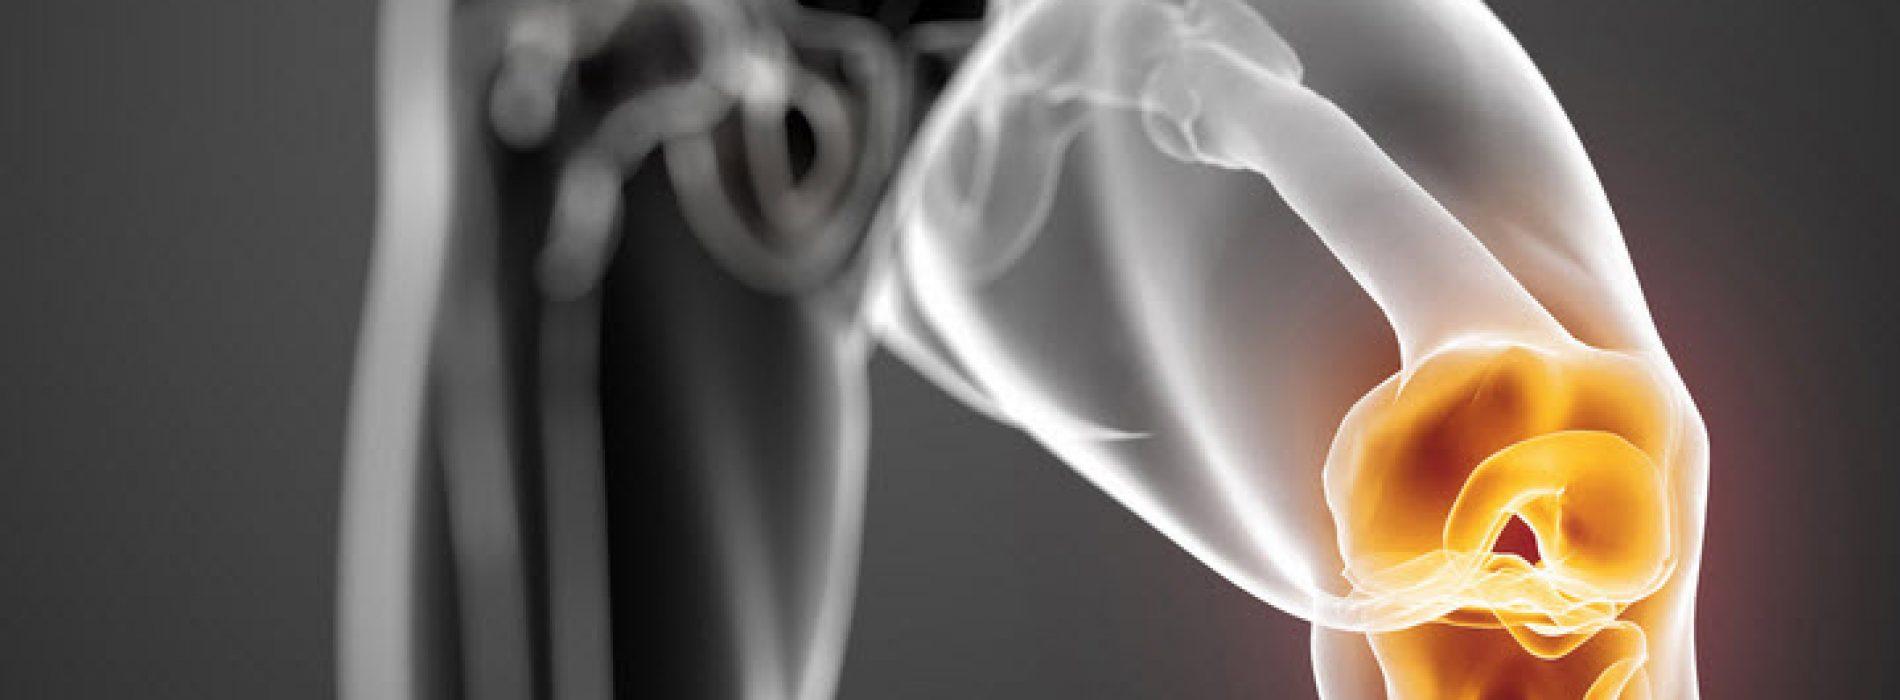 Vernieuw je knieën en gewrichten met dit recept – Artsen zijn verbaasd!